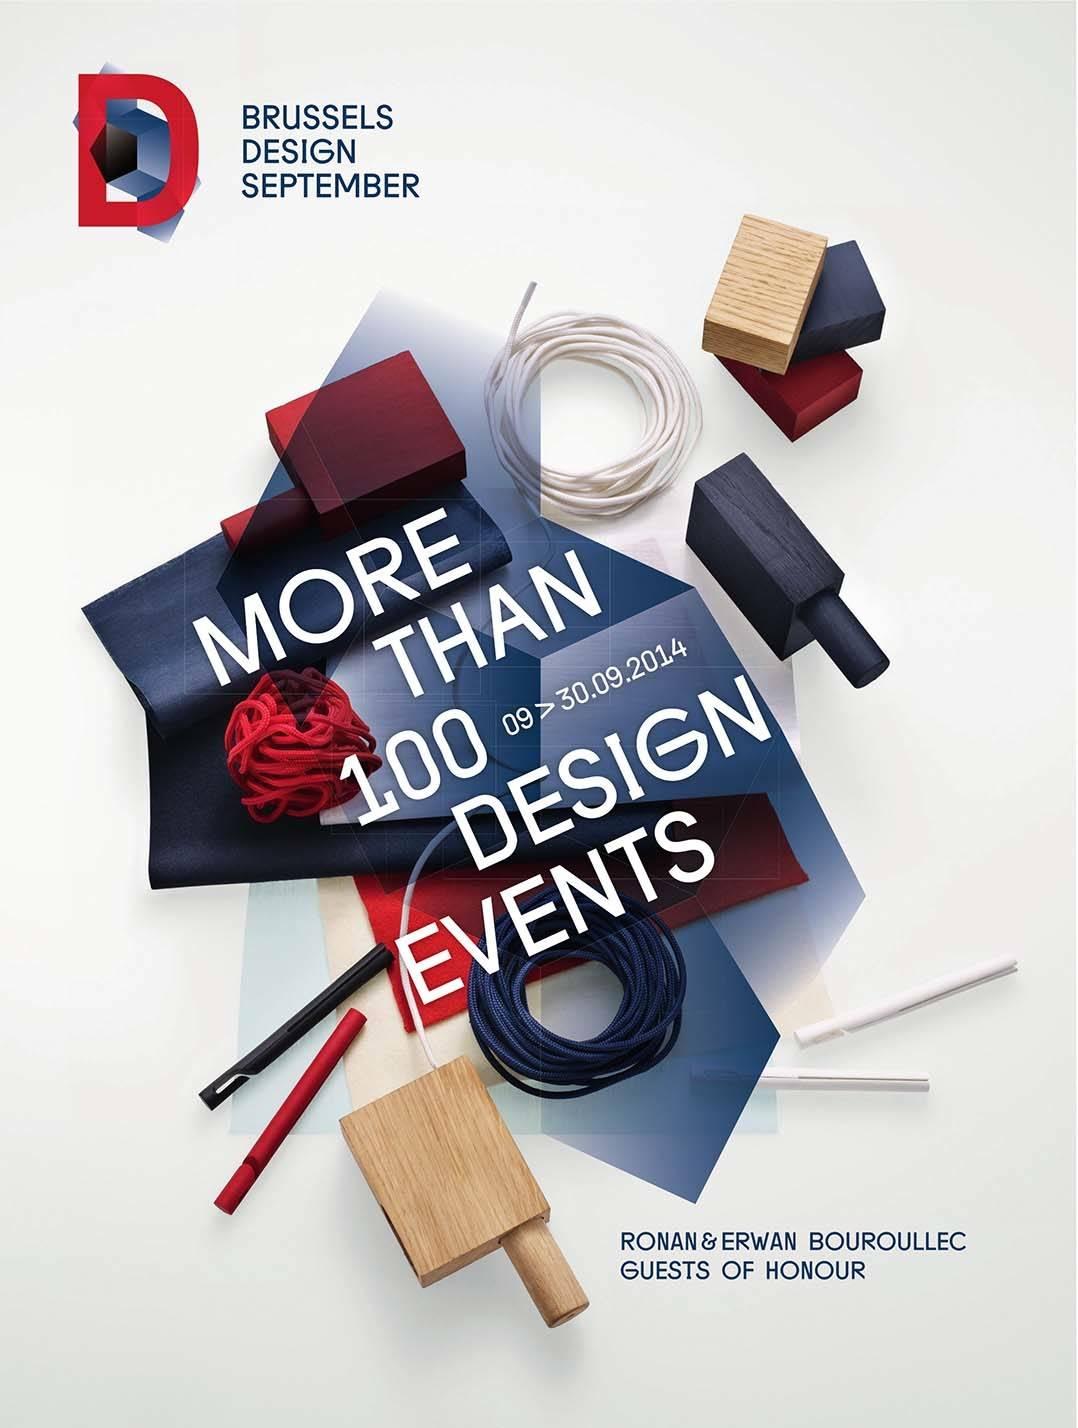 Brussels Design 2015